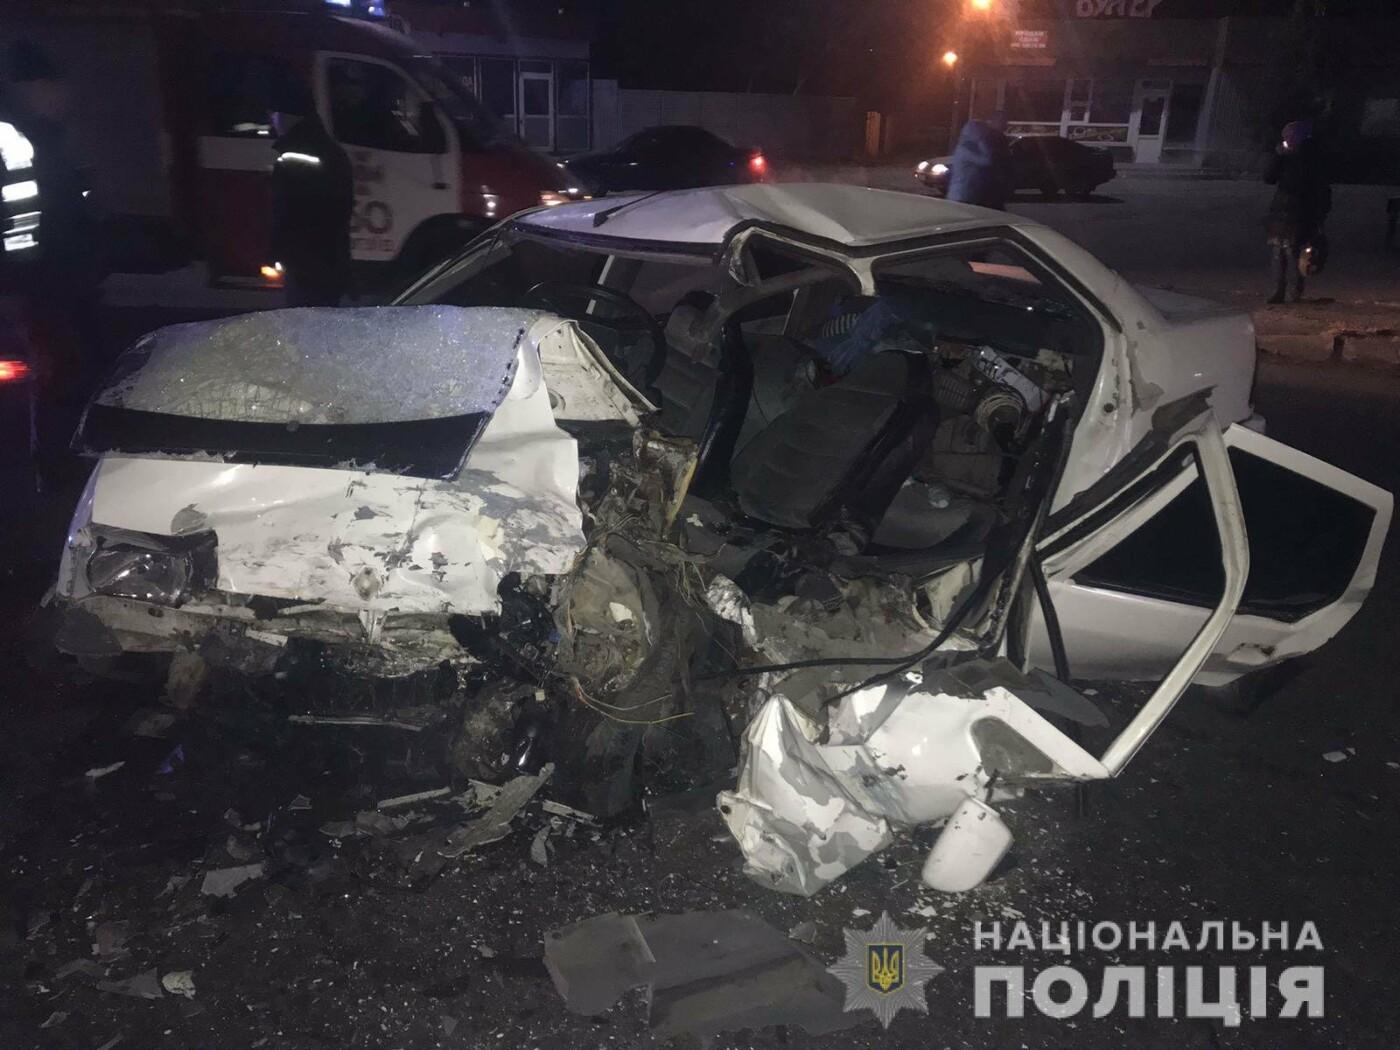 Под Харьковом «Opel» въехал в «Renault»: одно из авто разорвало, два человека в больнице, - ФОТО, ВИДЕО, фото-1